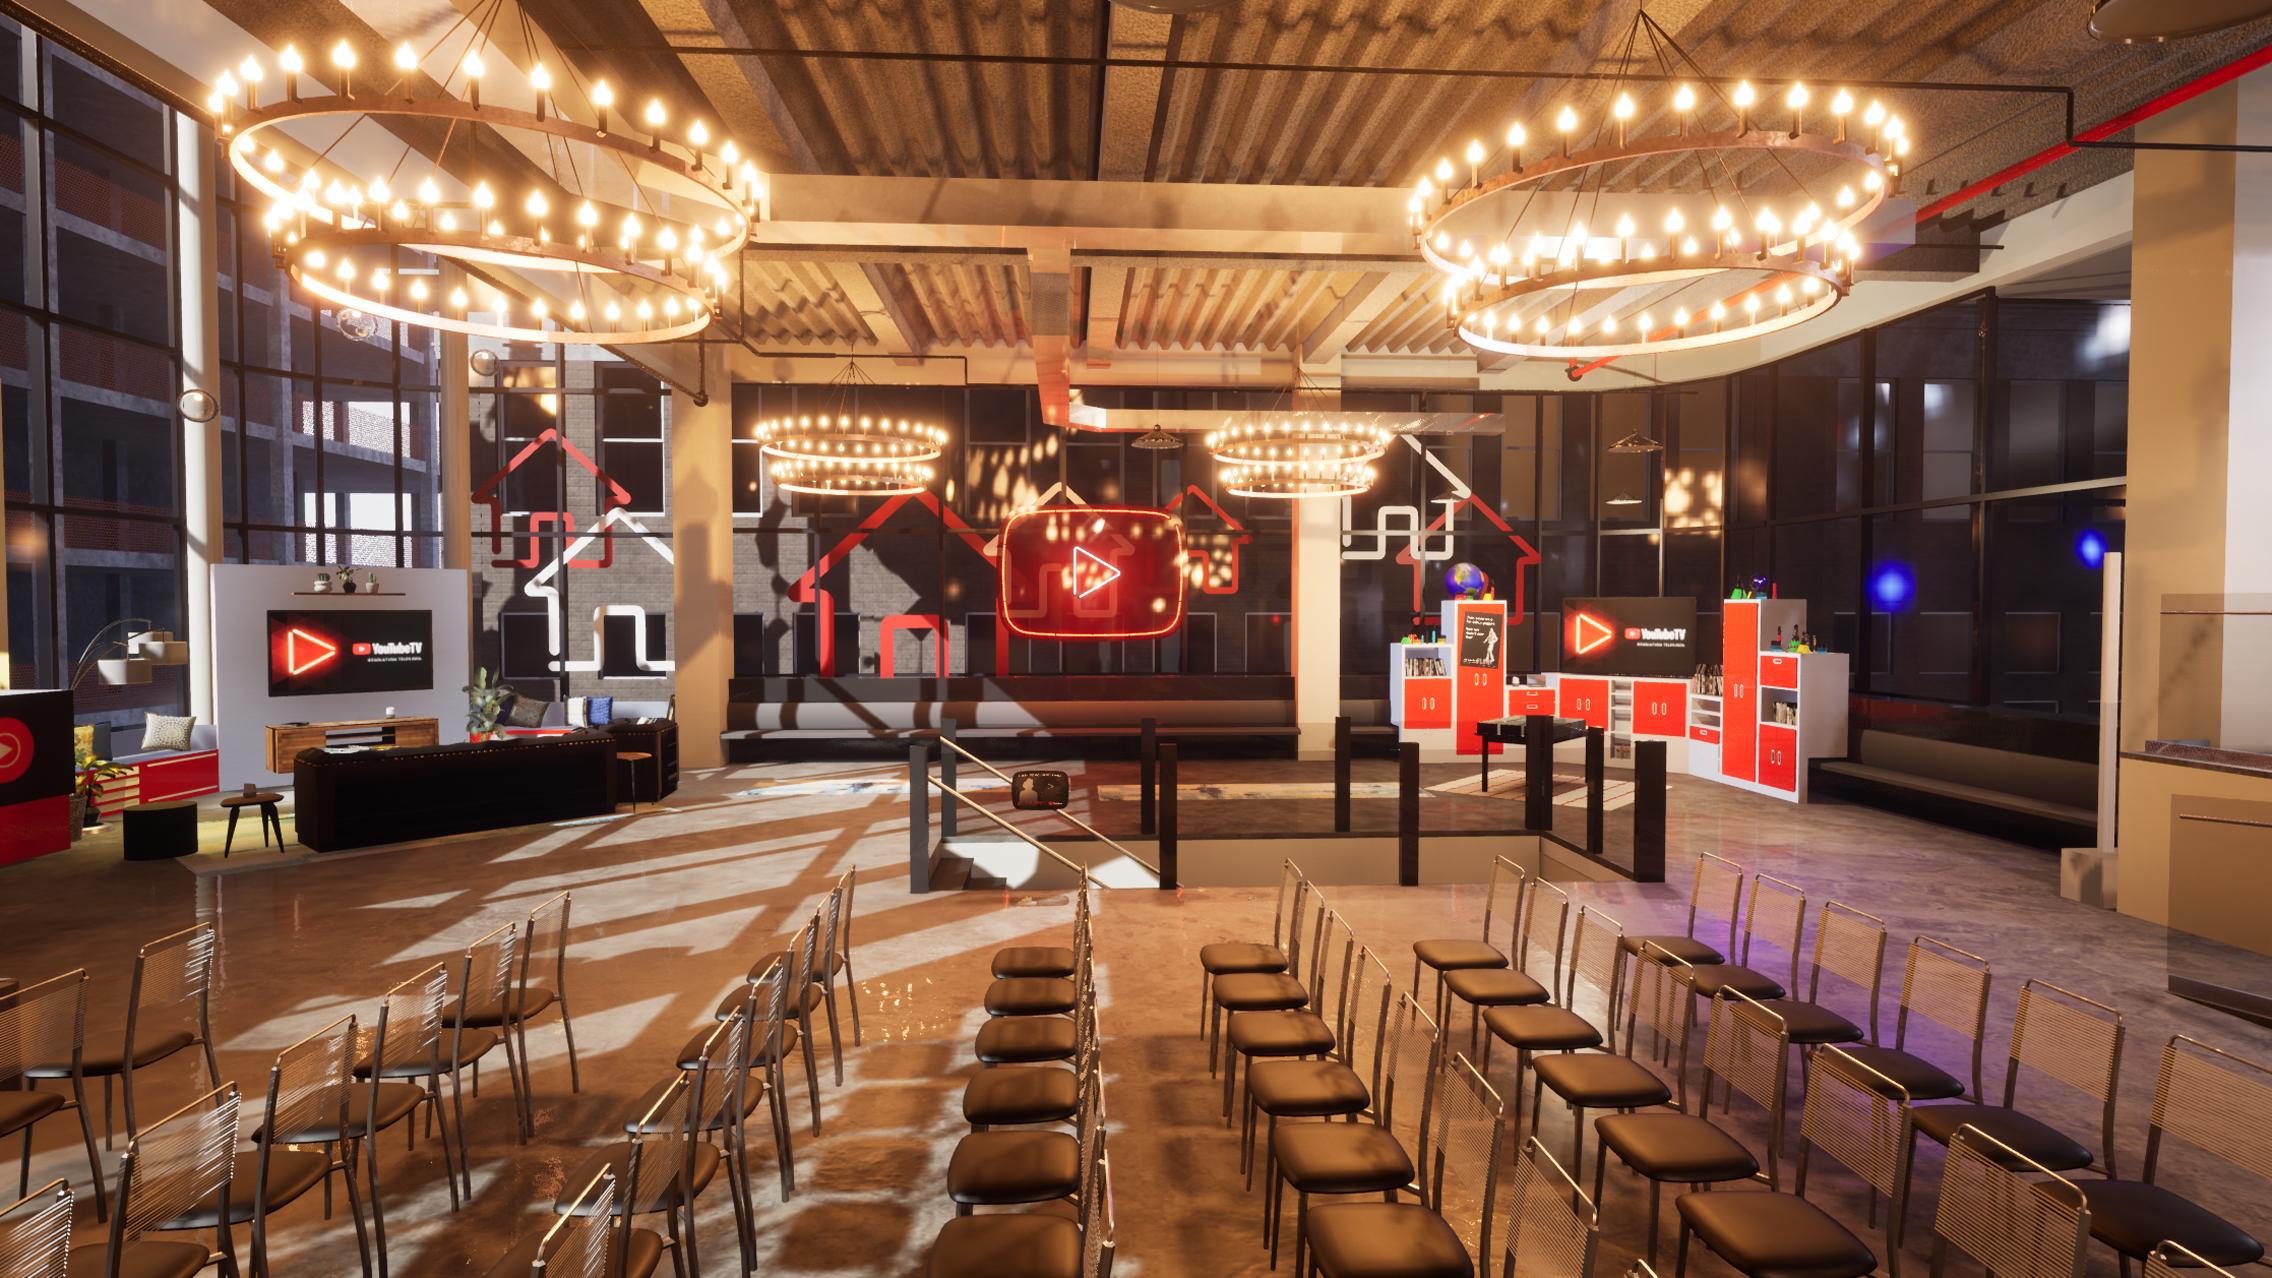 YouTube Unboxed 2019 | The Mezzanine FiDi | New York